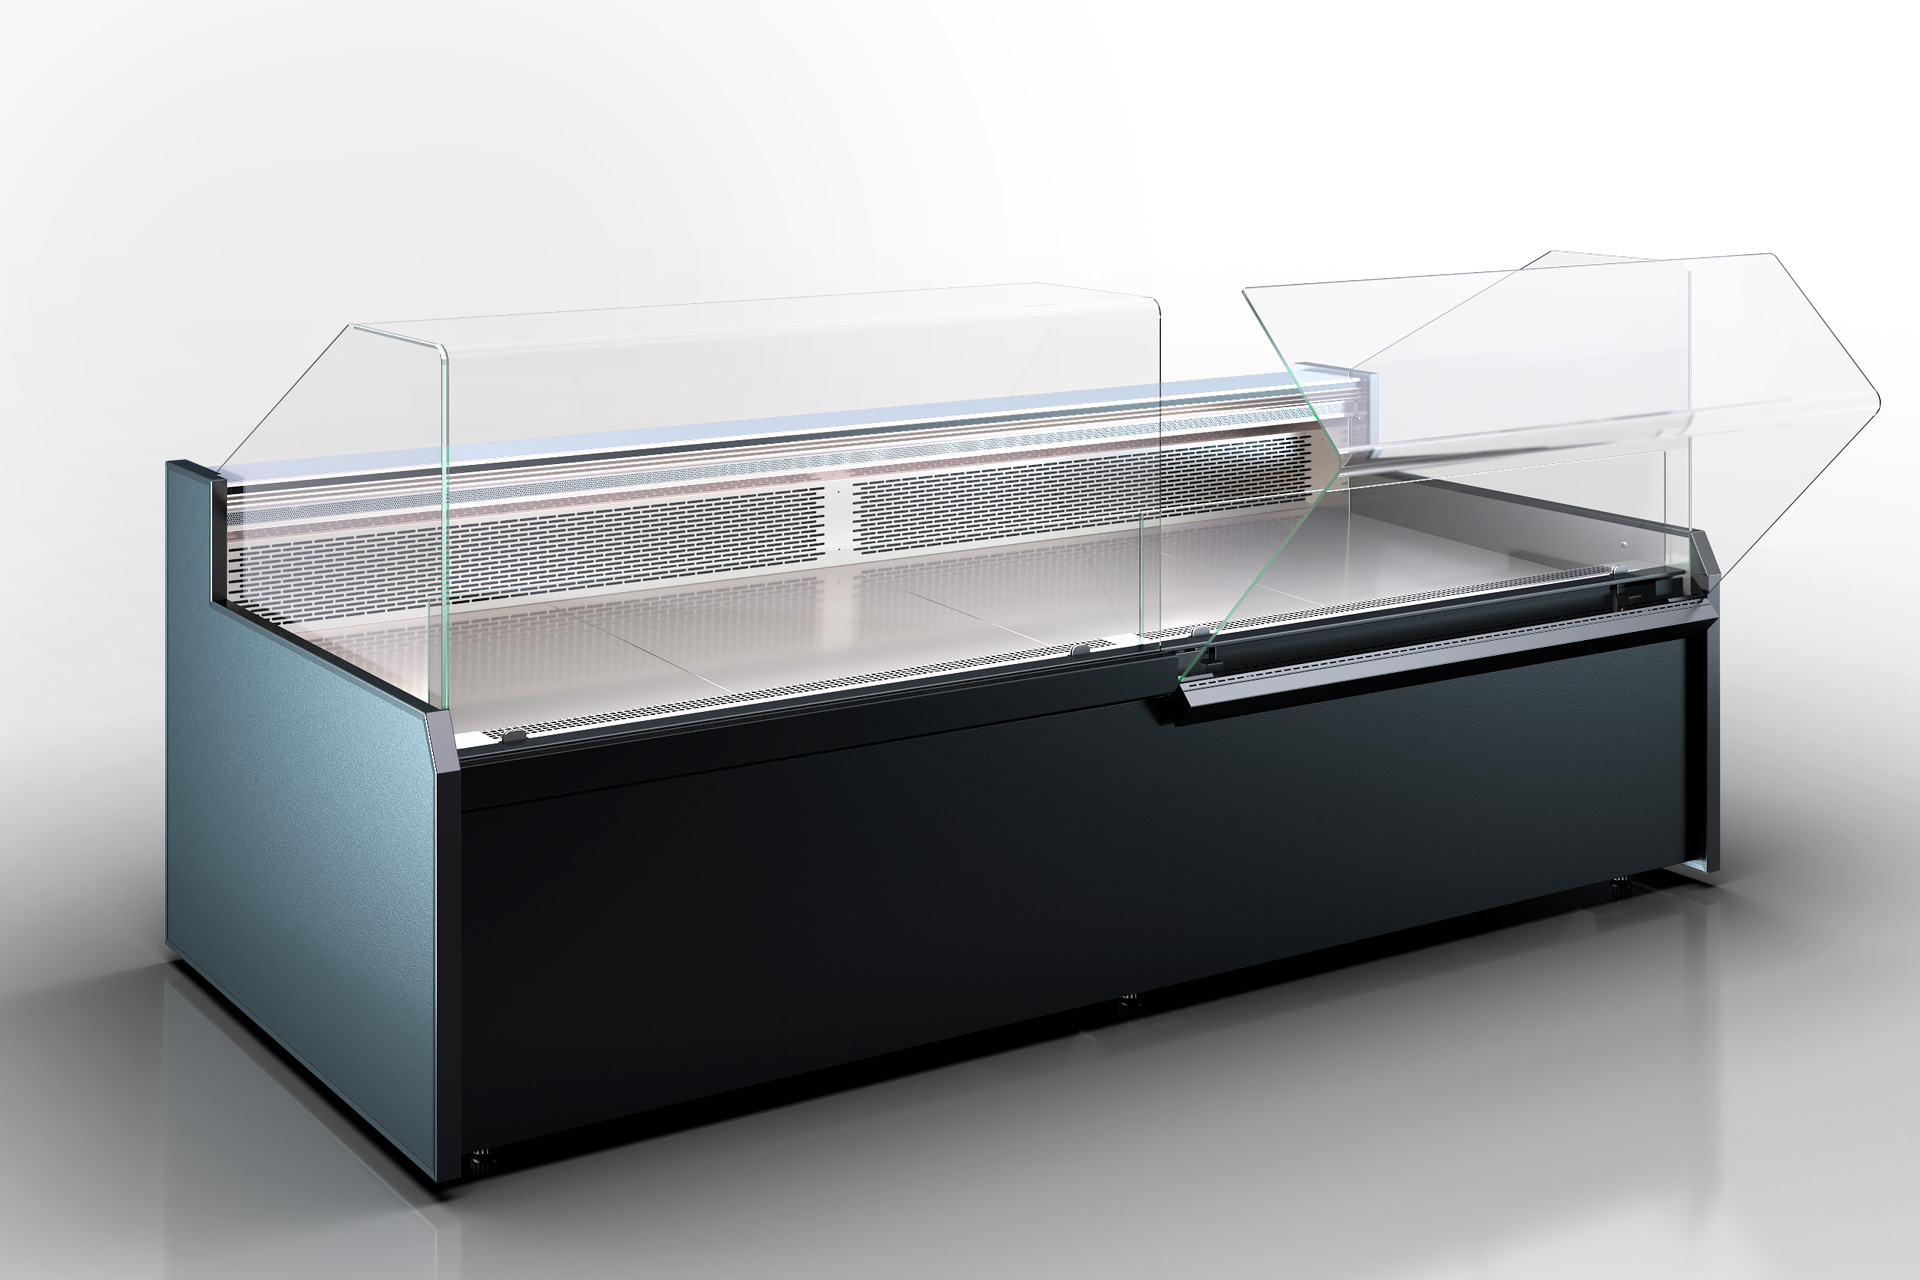 Холодильна вітрина Missouri MC 120  deli OS 120-DBM